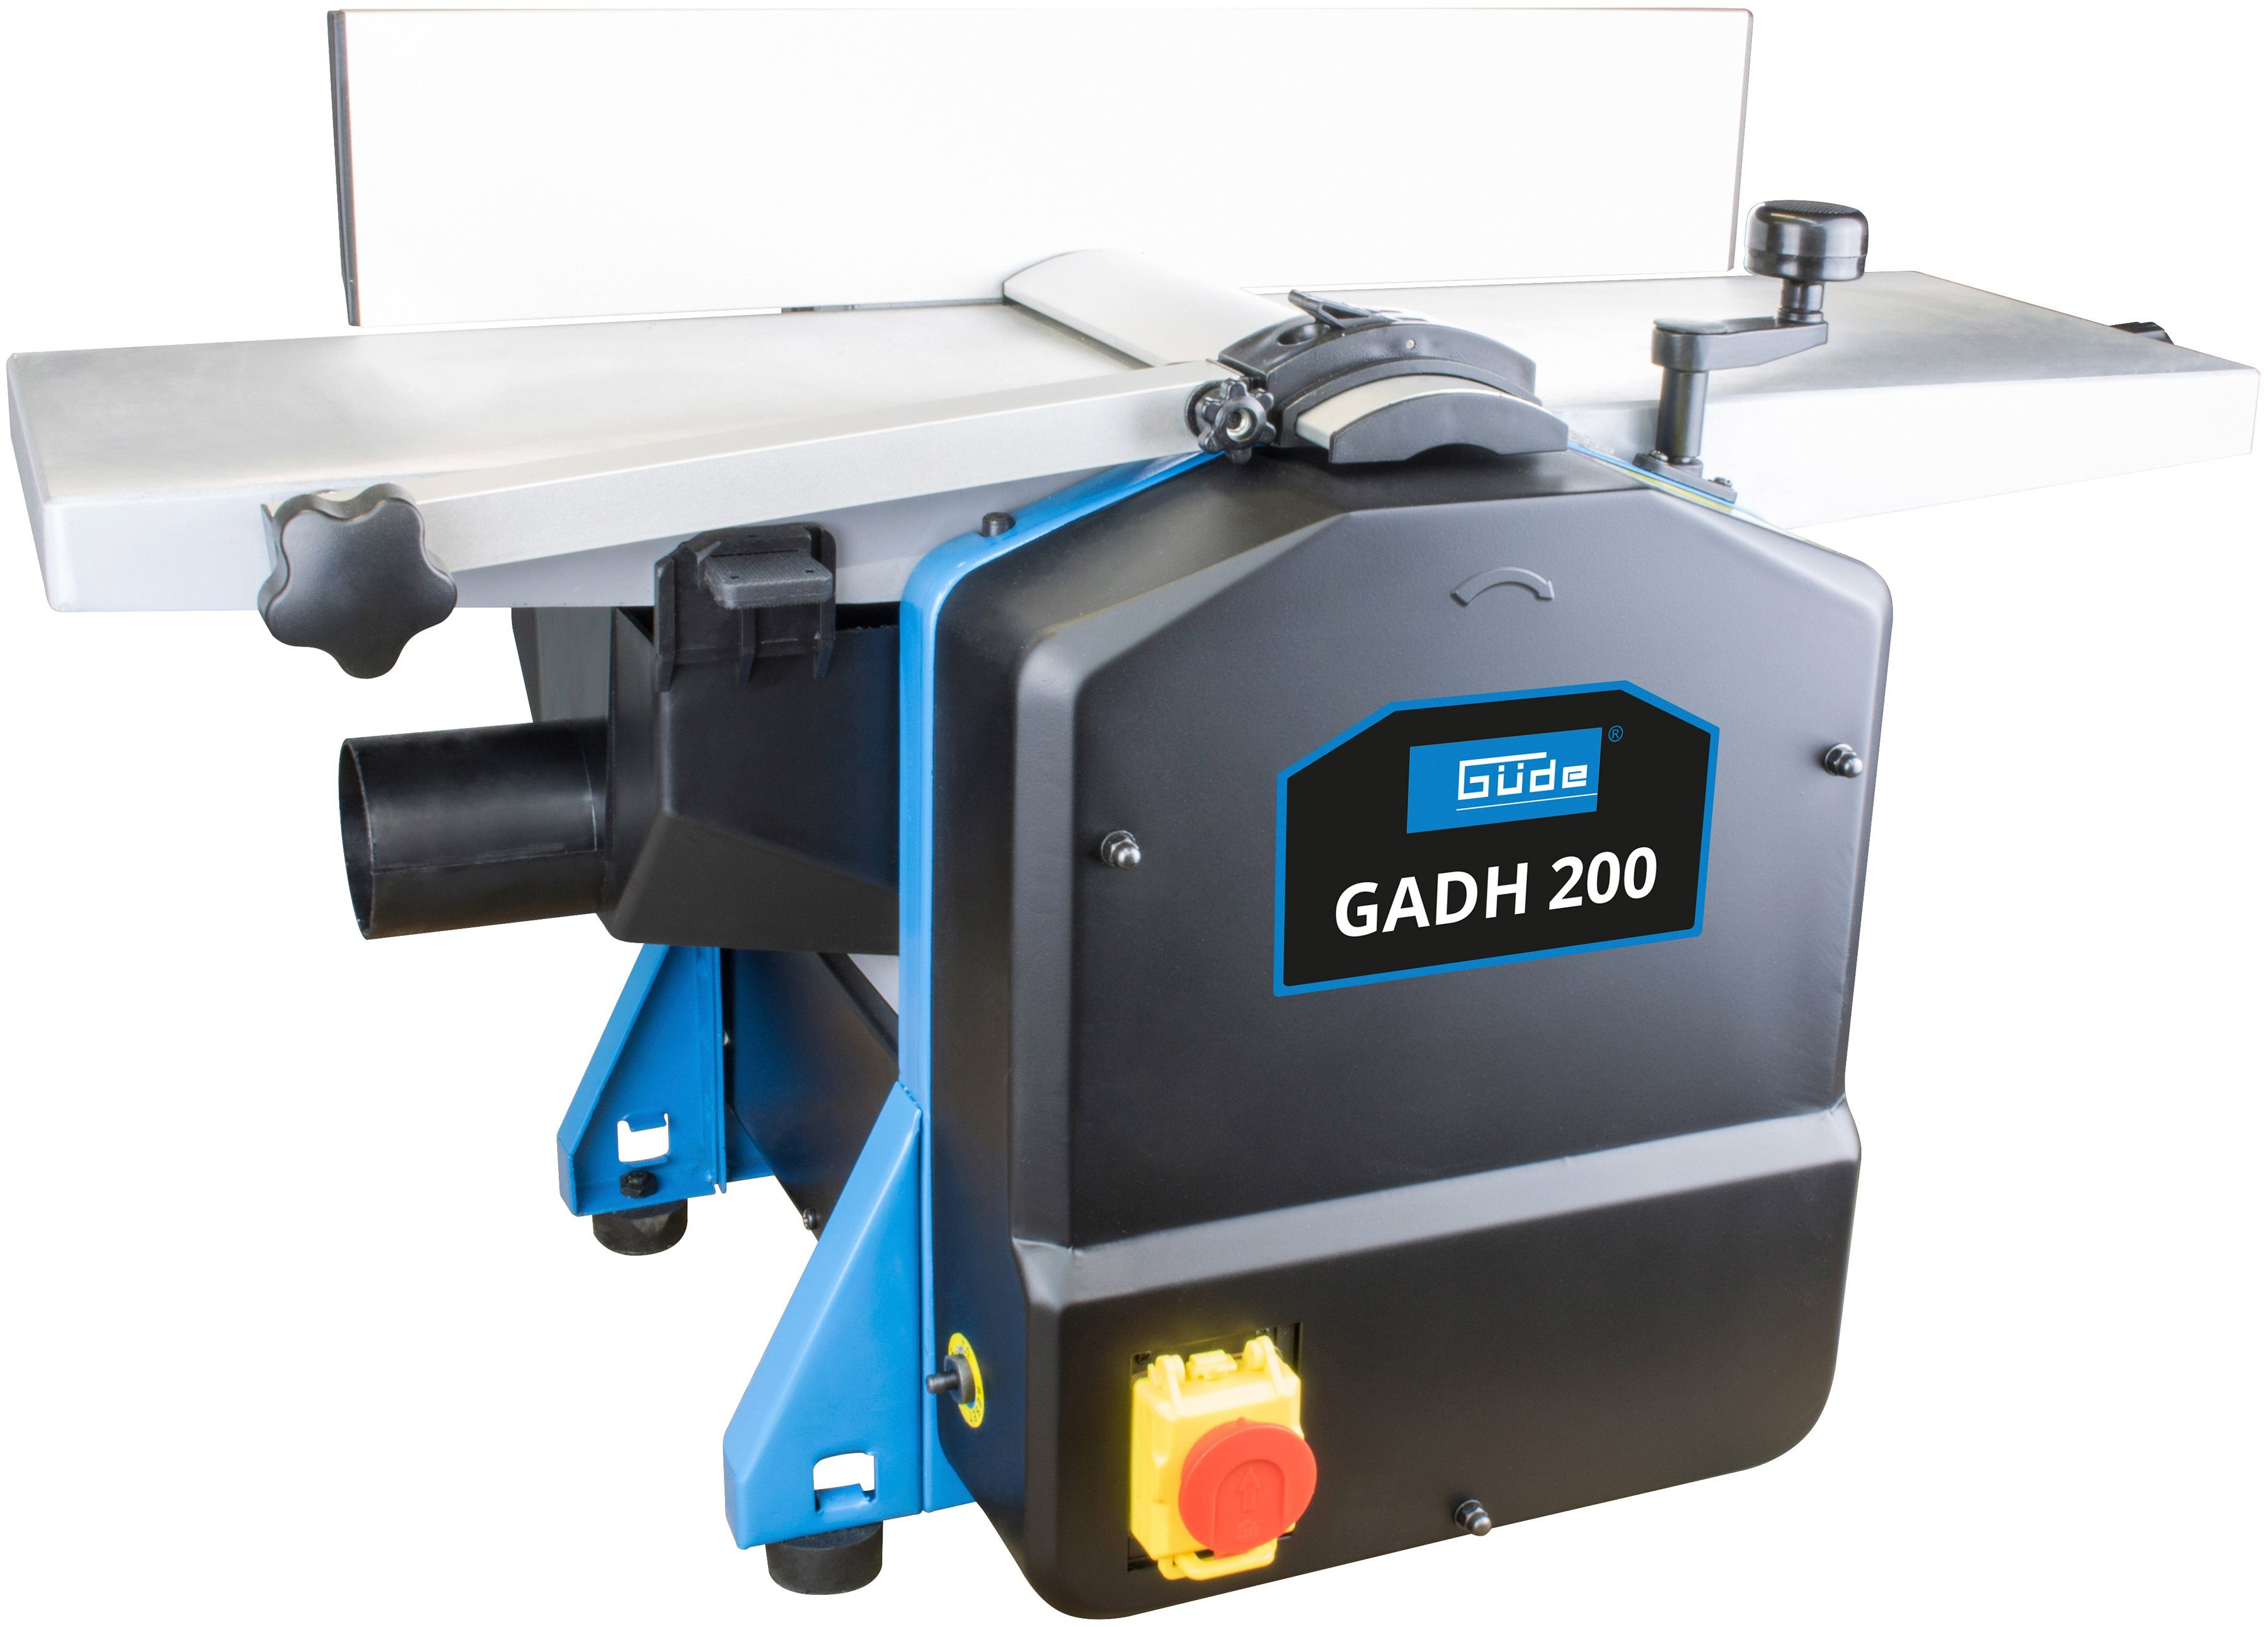 GÜDE Abricht- und Dickenhobel »GADH 200«, 230 V, 1250 W, 204 mm